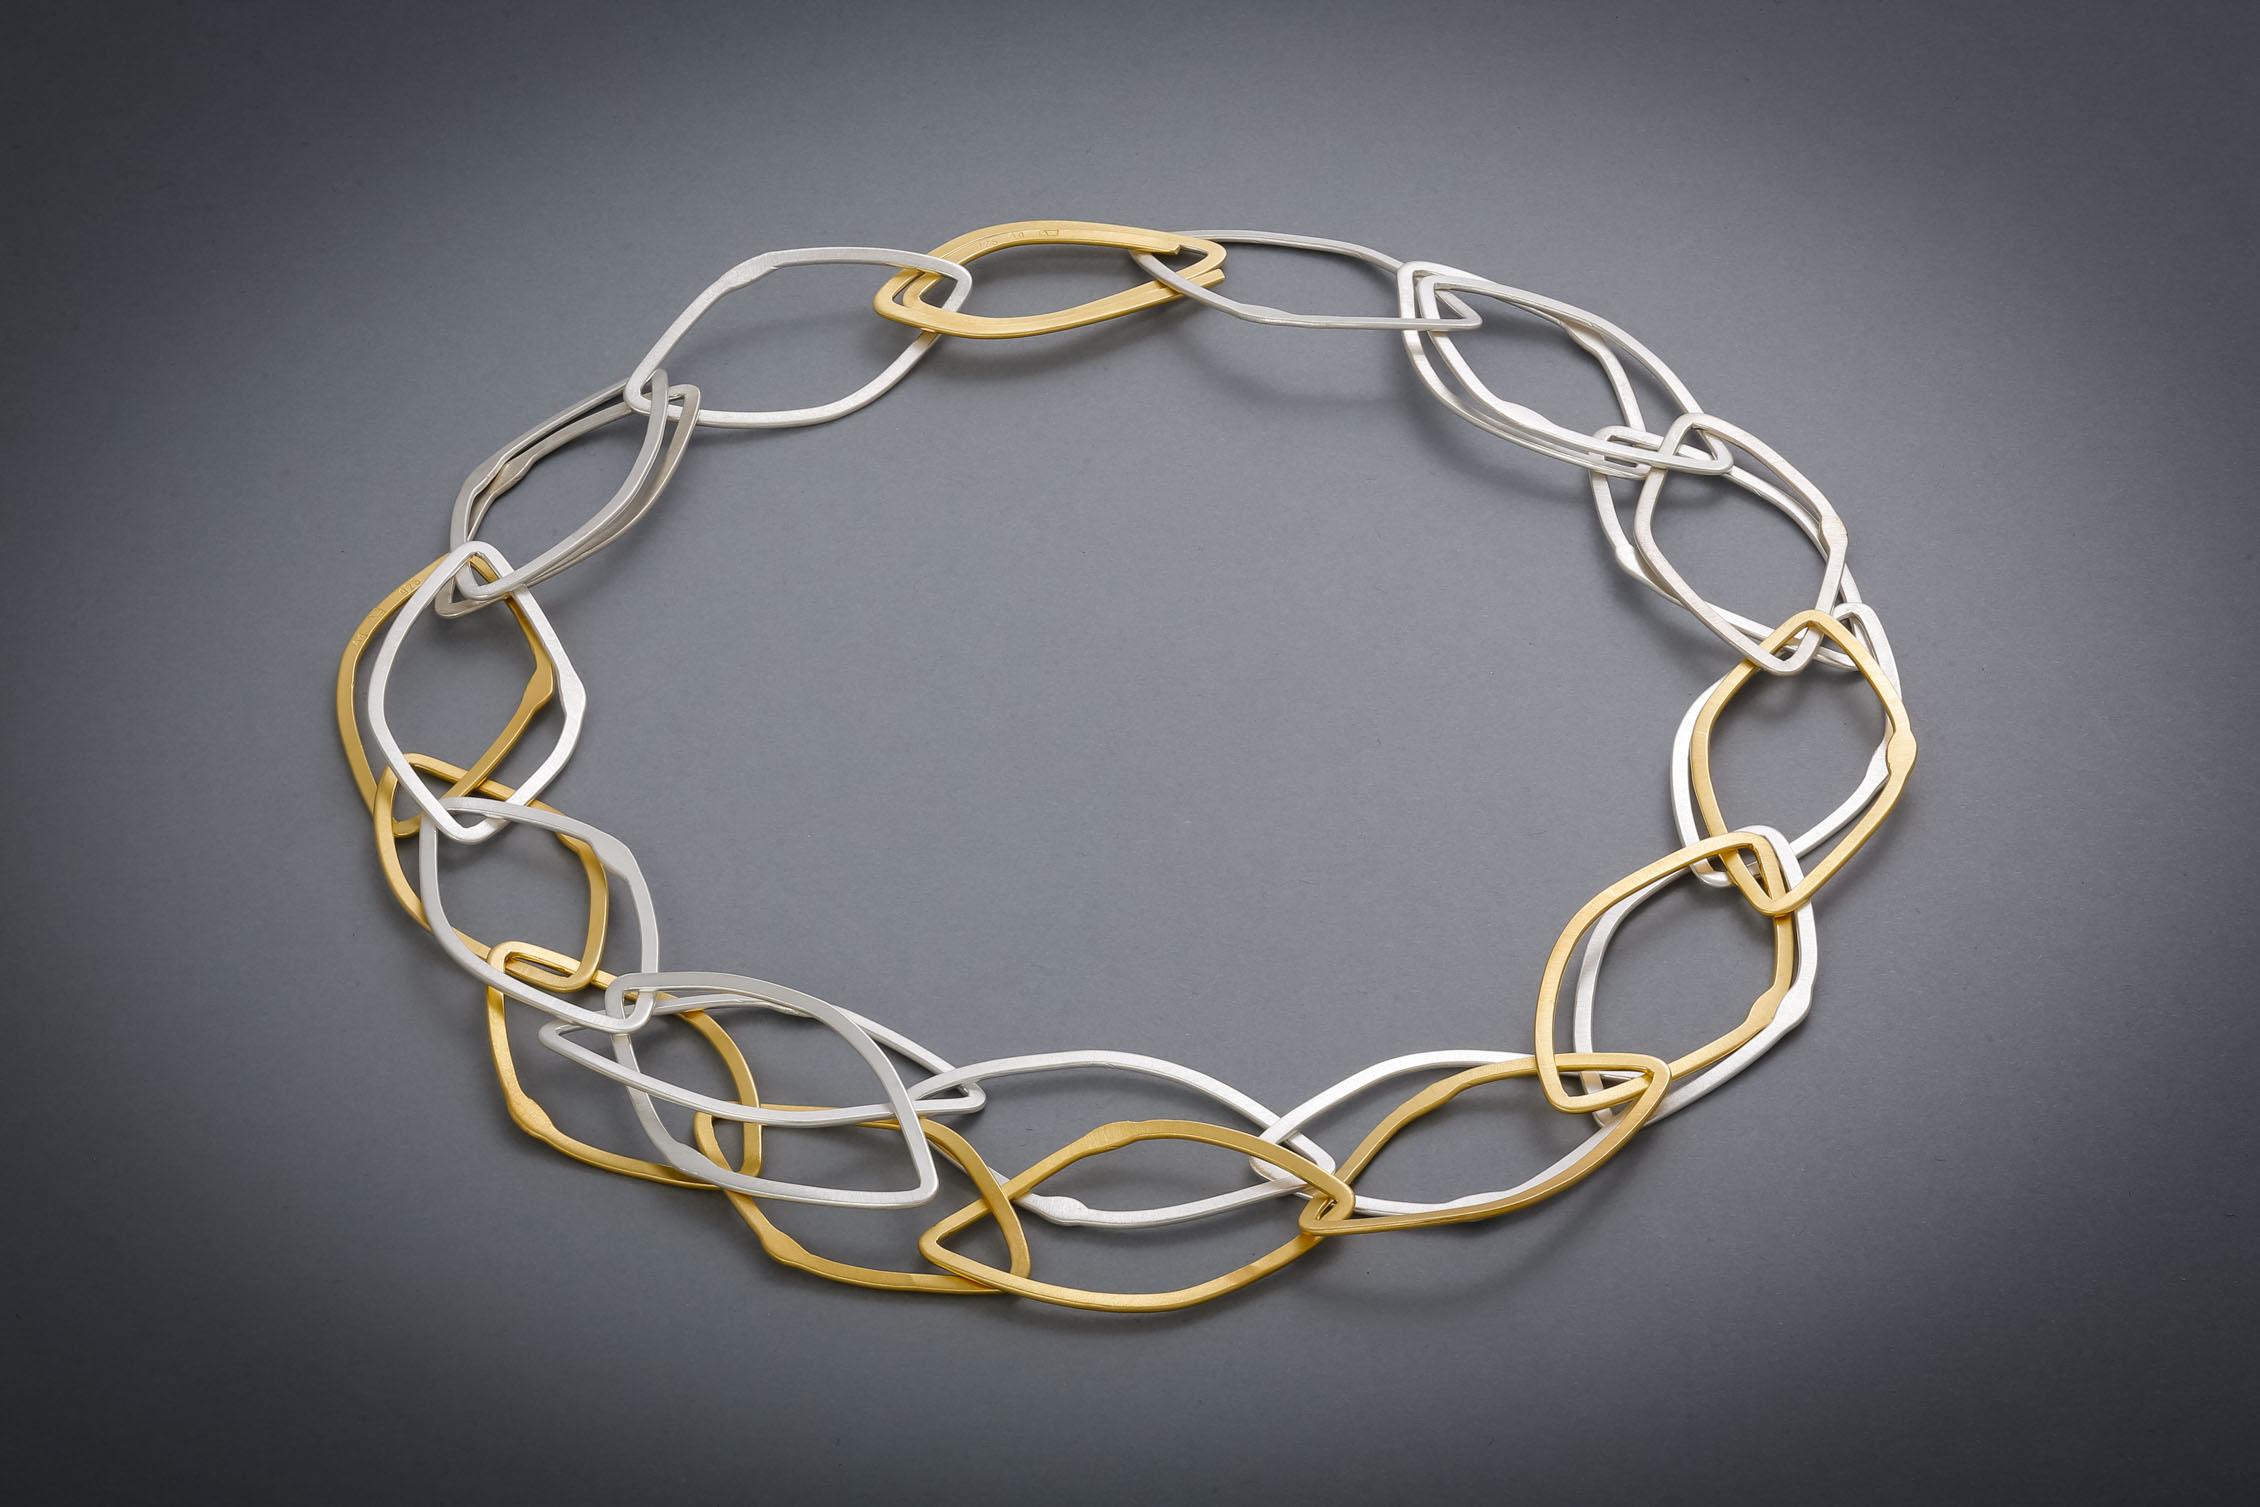 051 Silberkette, handgeschmiedet, teils vergoldet € 748,-